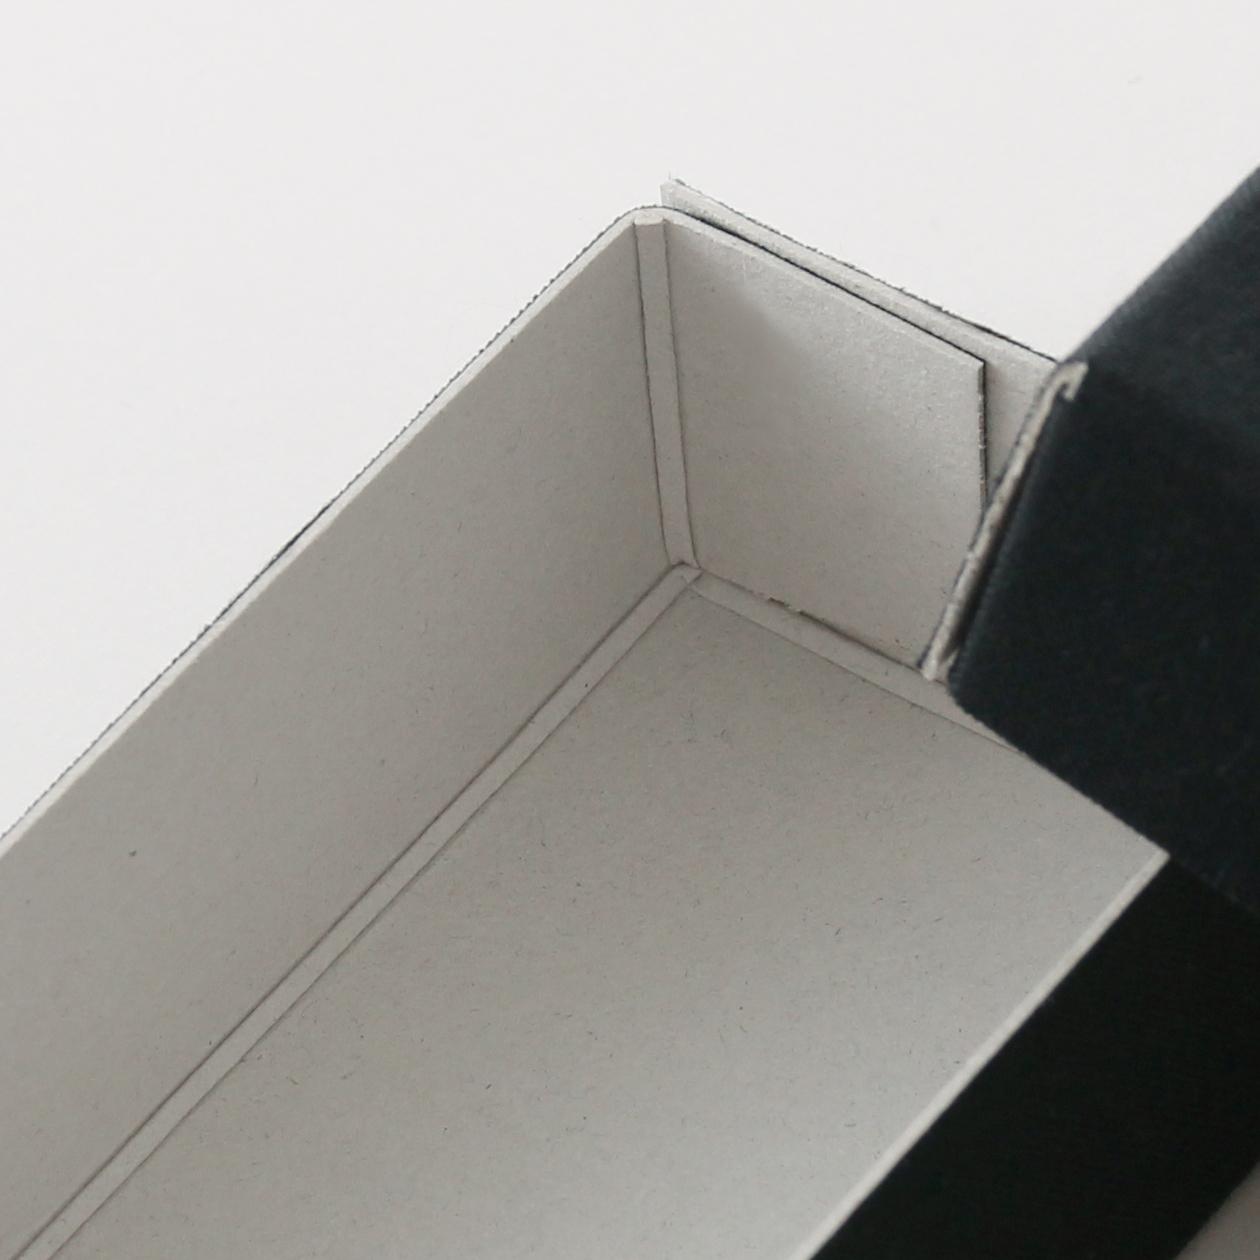 糊どめ箱 サイズM_2 細布 ブラック×グレー